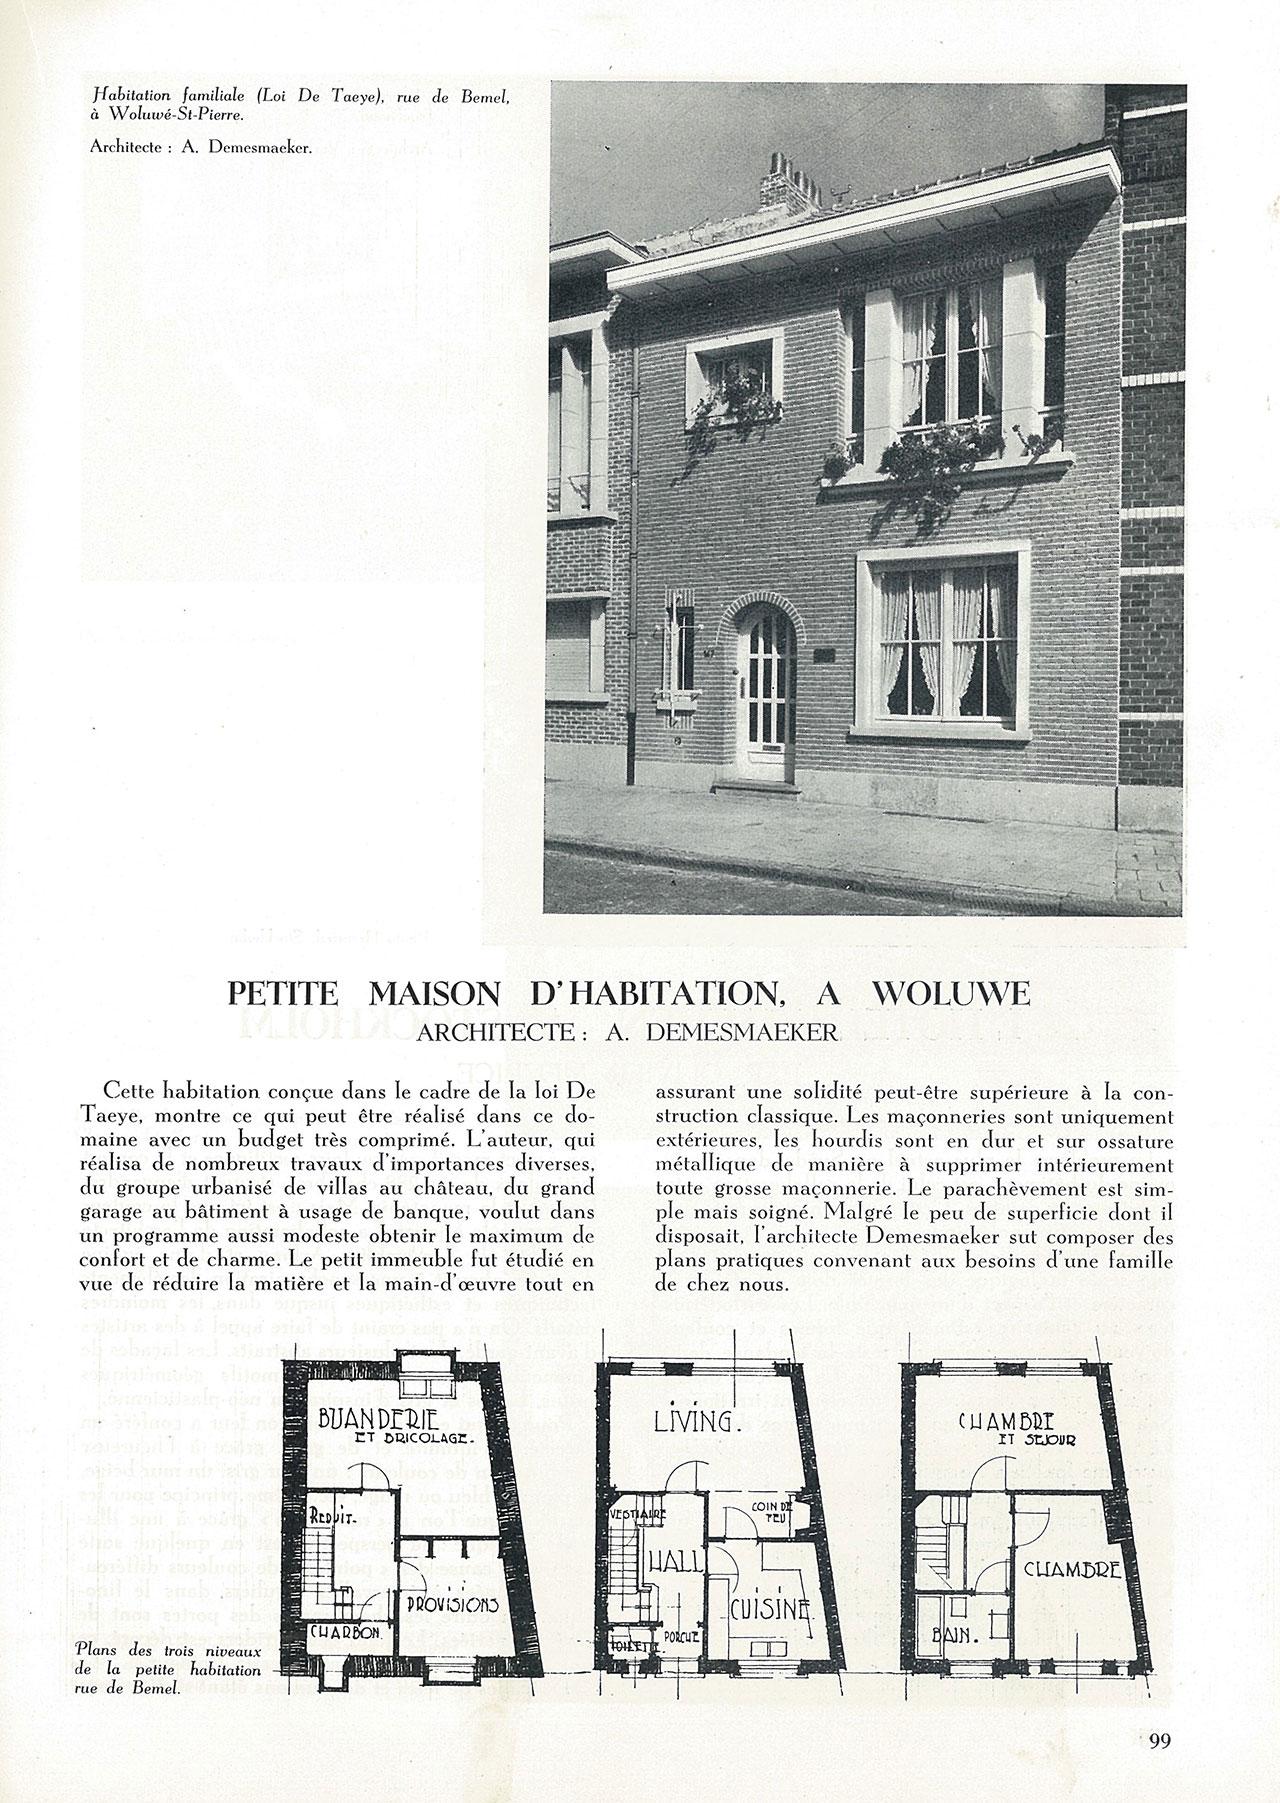 Petite maison d'habitation, à Woluwé